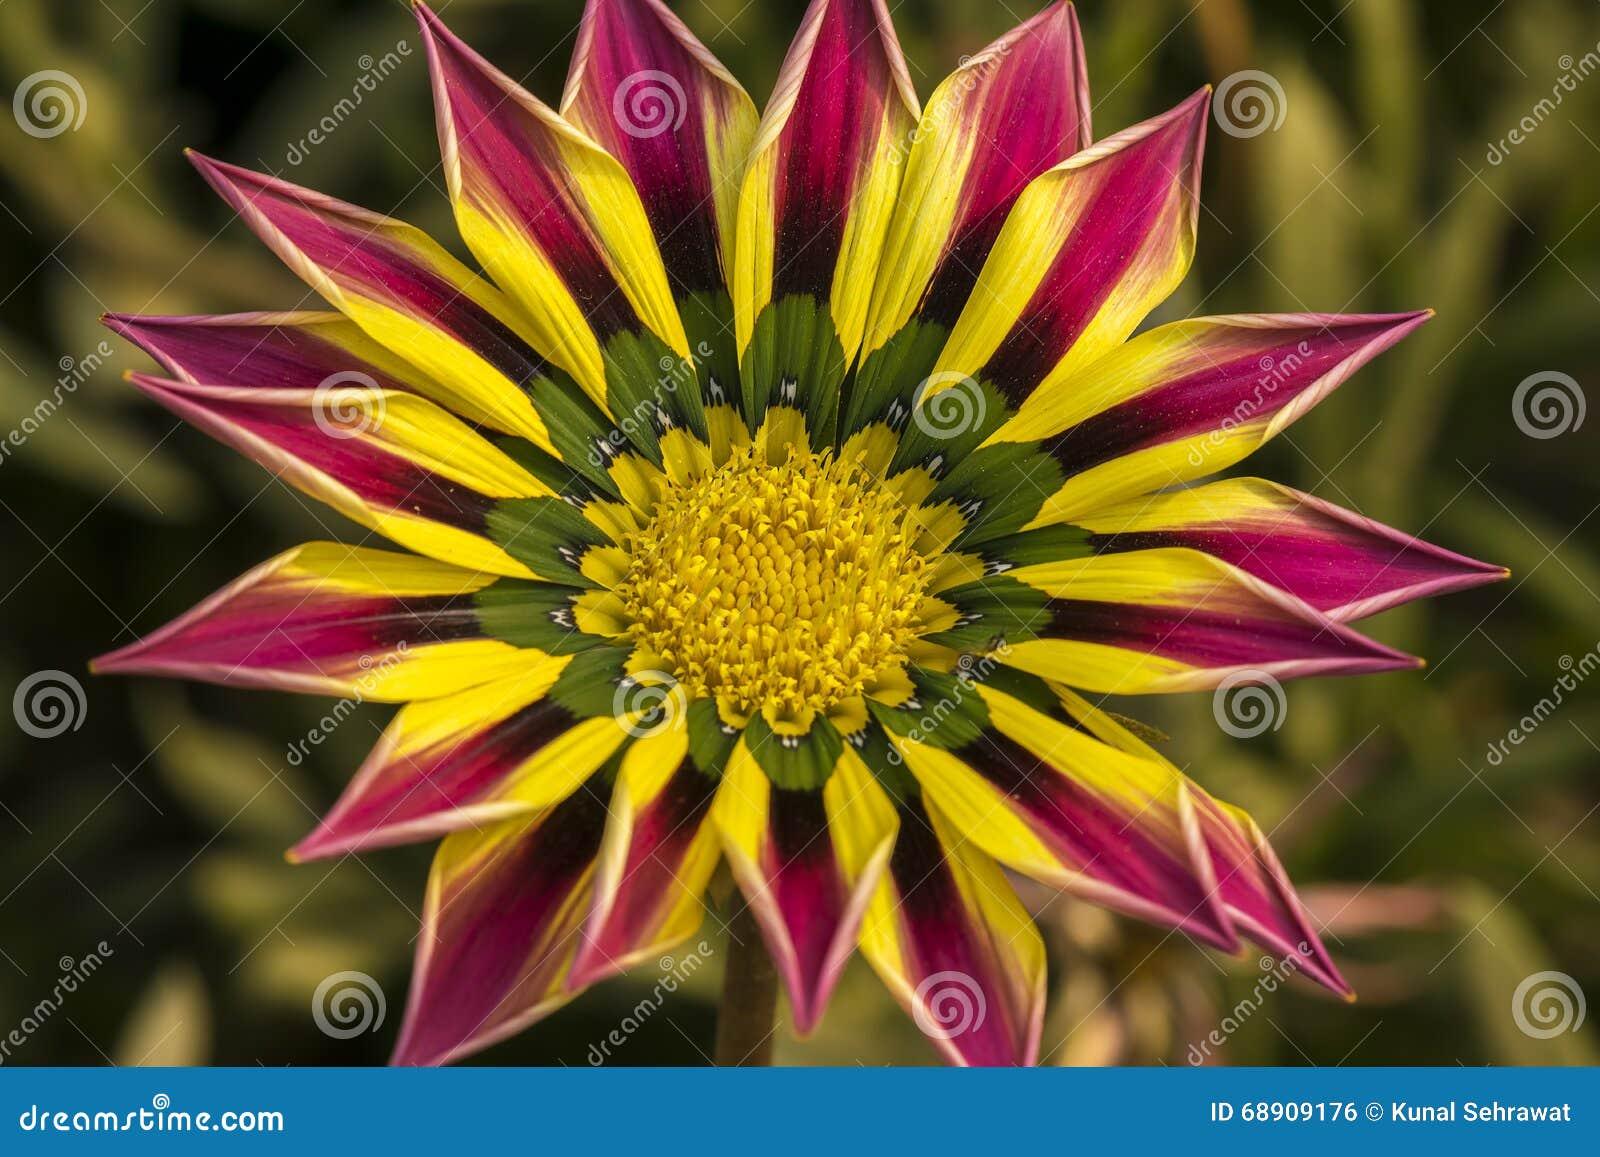 plan rapproch d 39 une fleur orange rose de gazania de couleur de vert jaune photo stock image. Black Bedroom Furniture Sets. Home Design Ideas